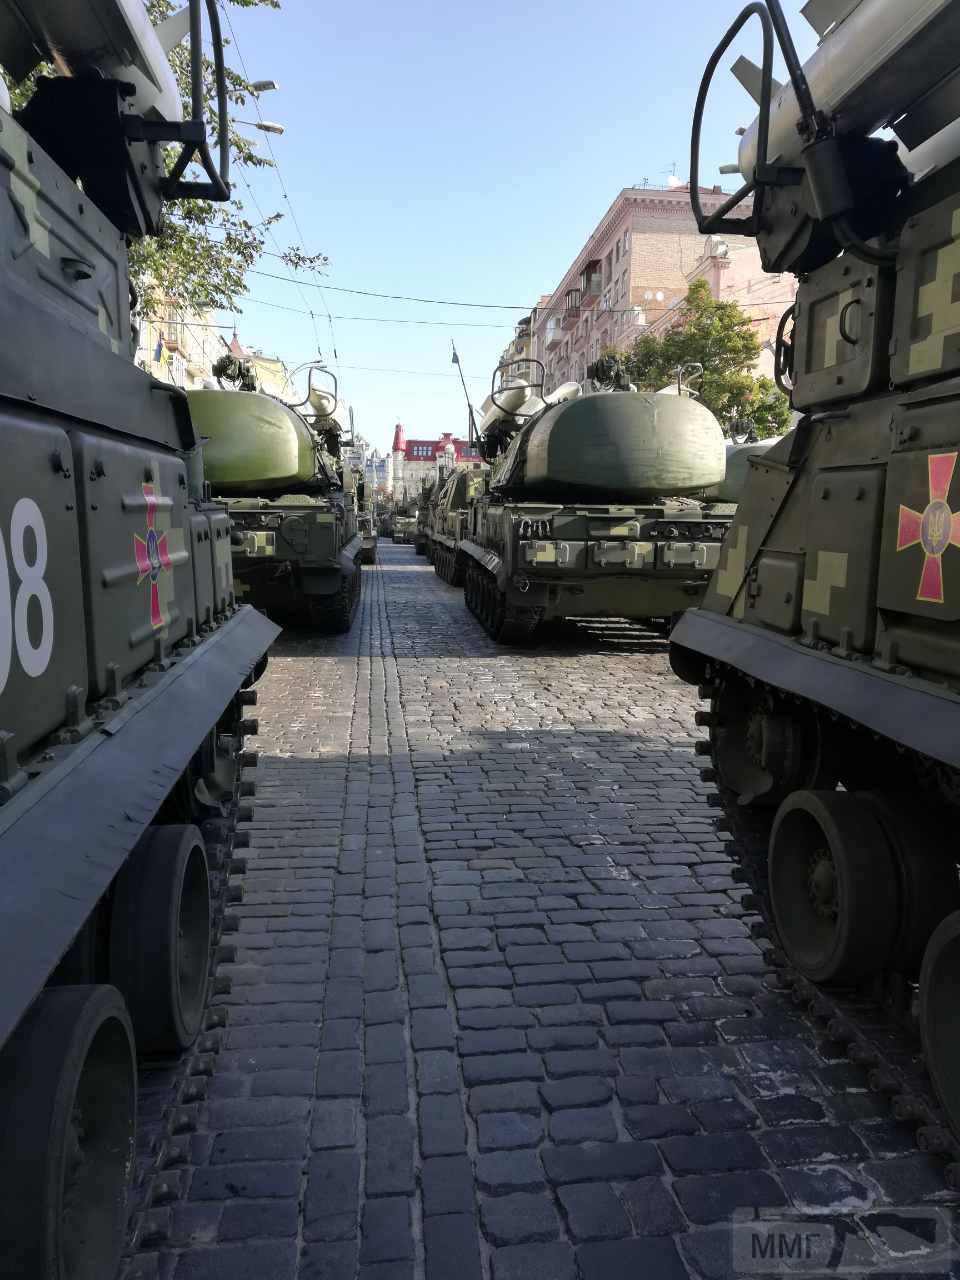 33889 - Реалії ЗС України: позитивні та негативні нюанси.